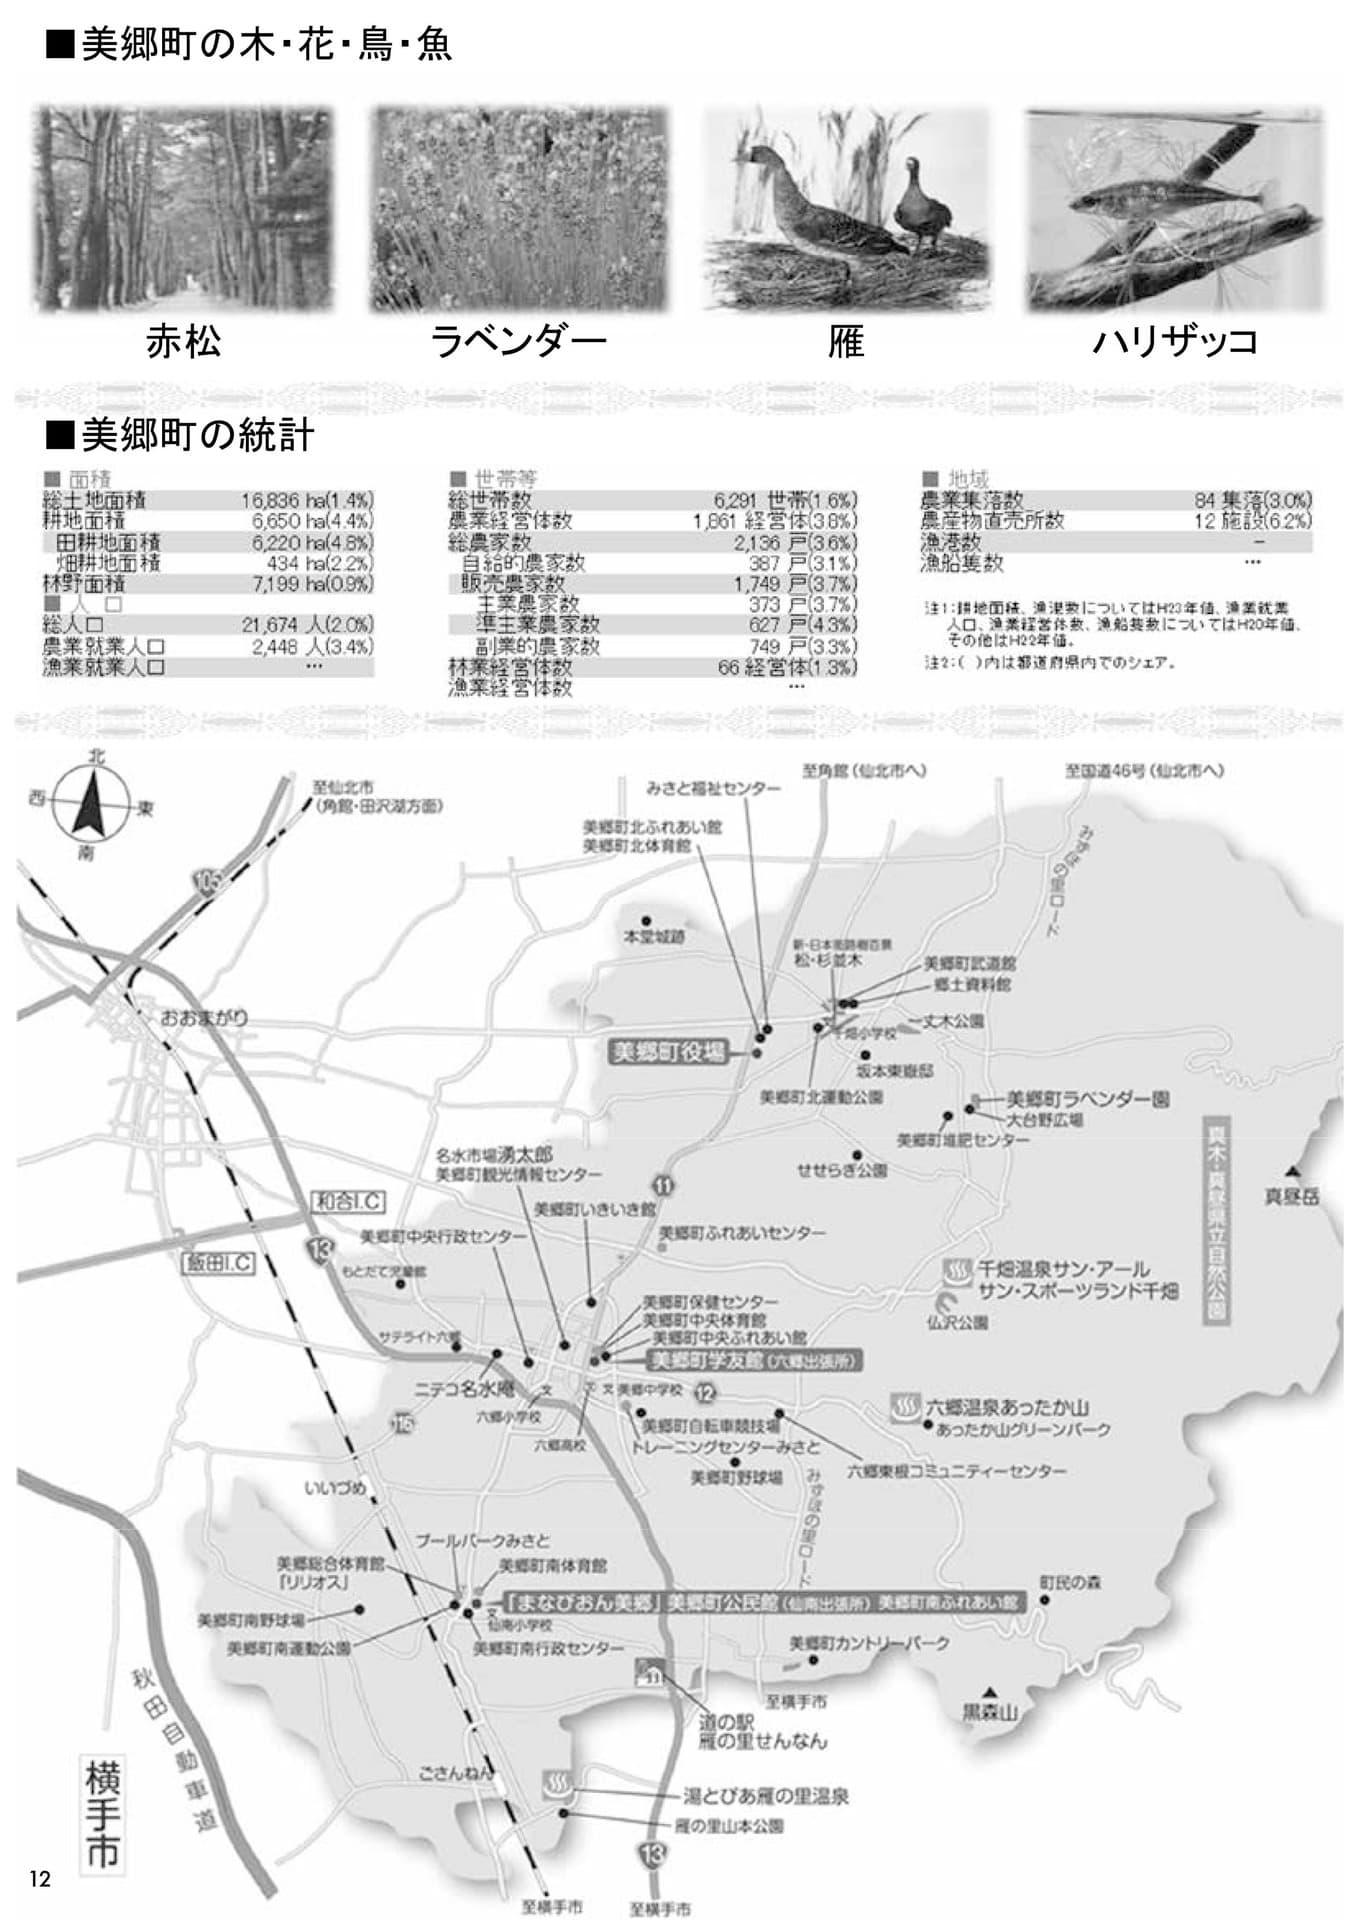 第1回秋田・美郷町ふるさと会パンフレット(美郷町の木・花・鳥・魚、美郷町の統計)